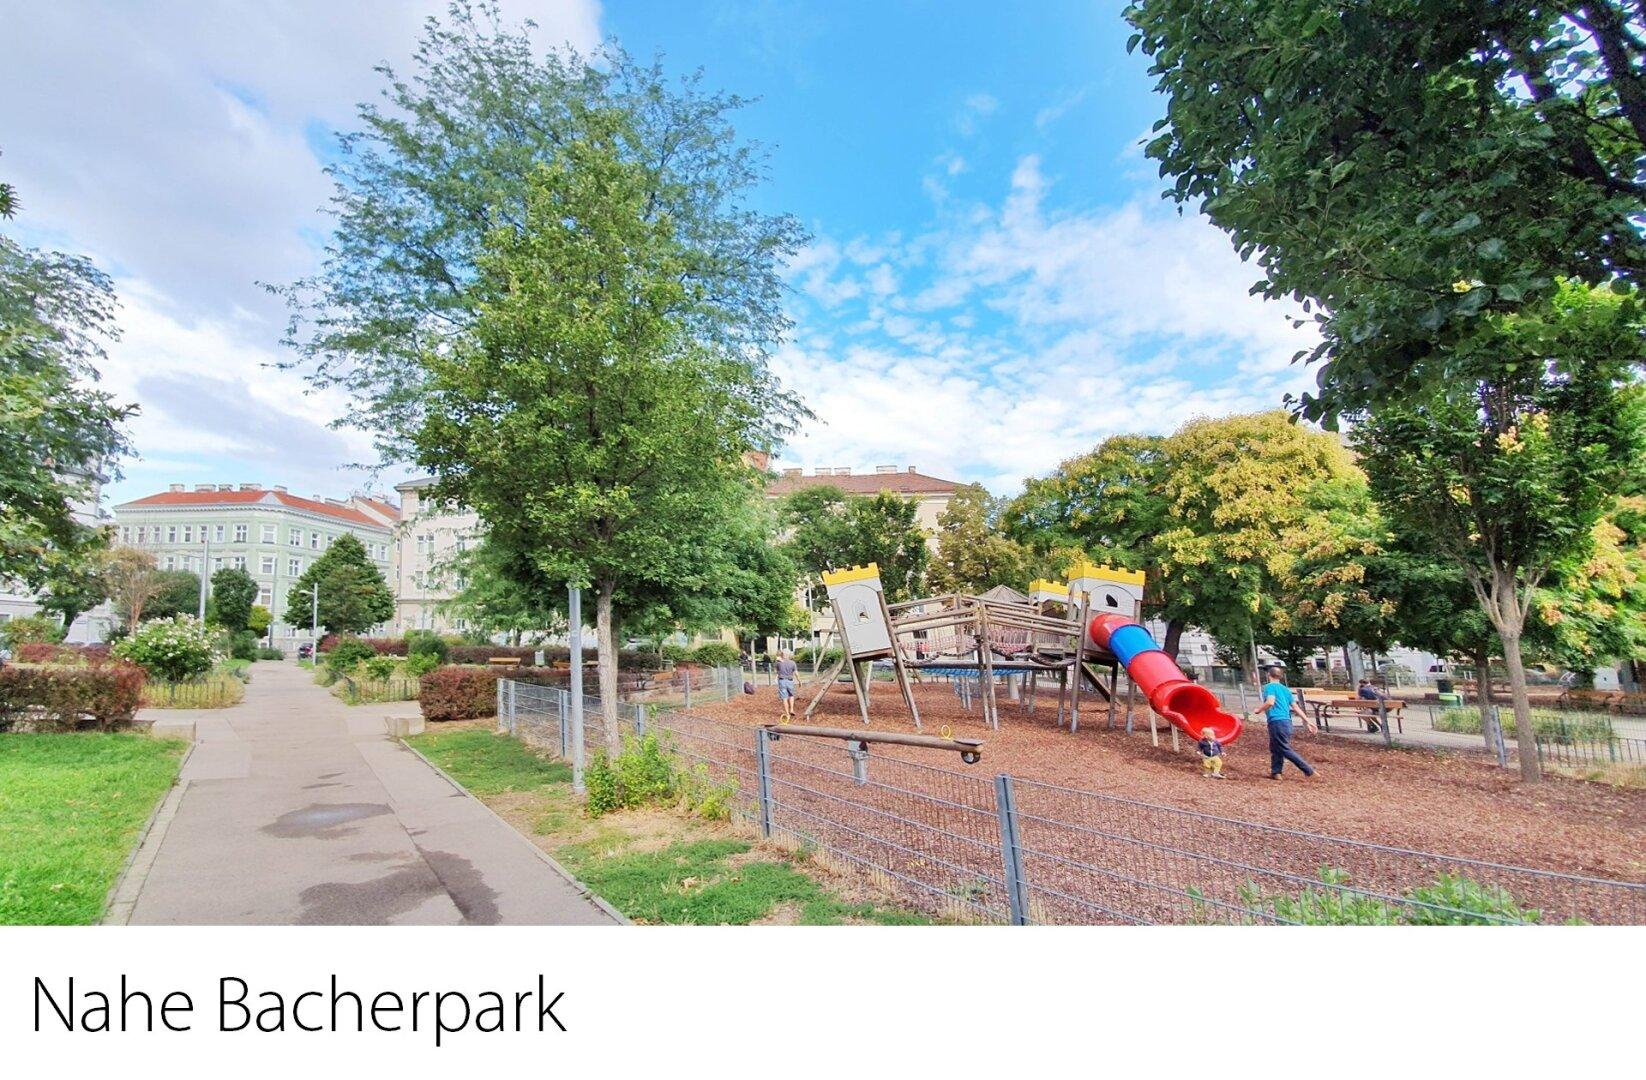 Nahe Pacherpark